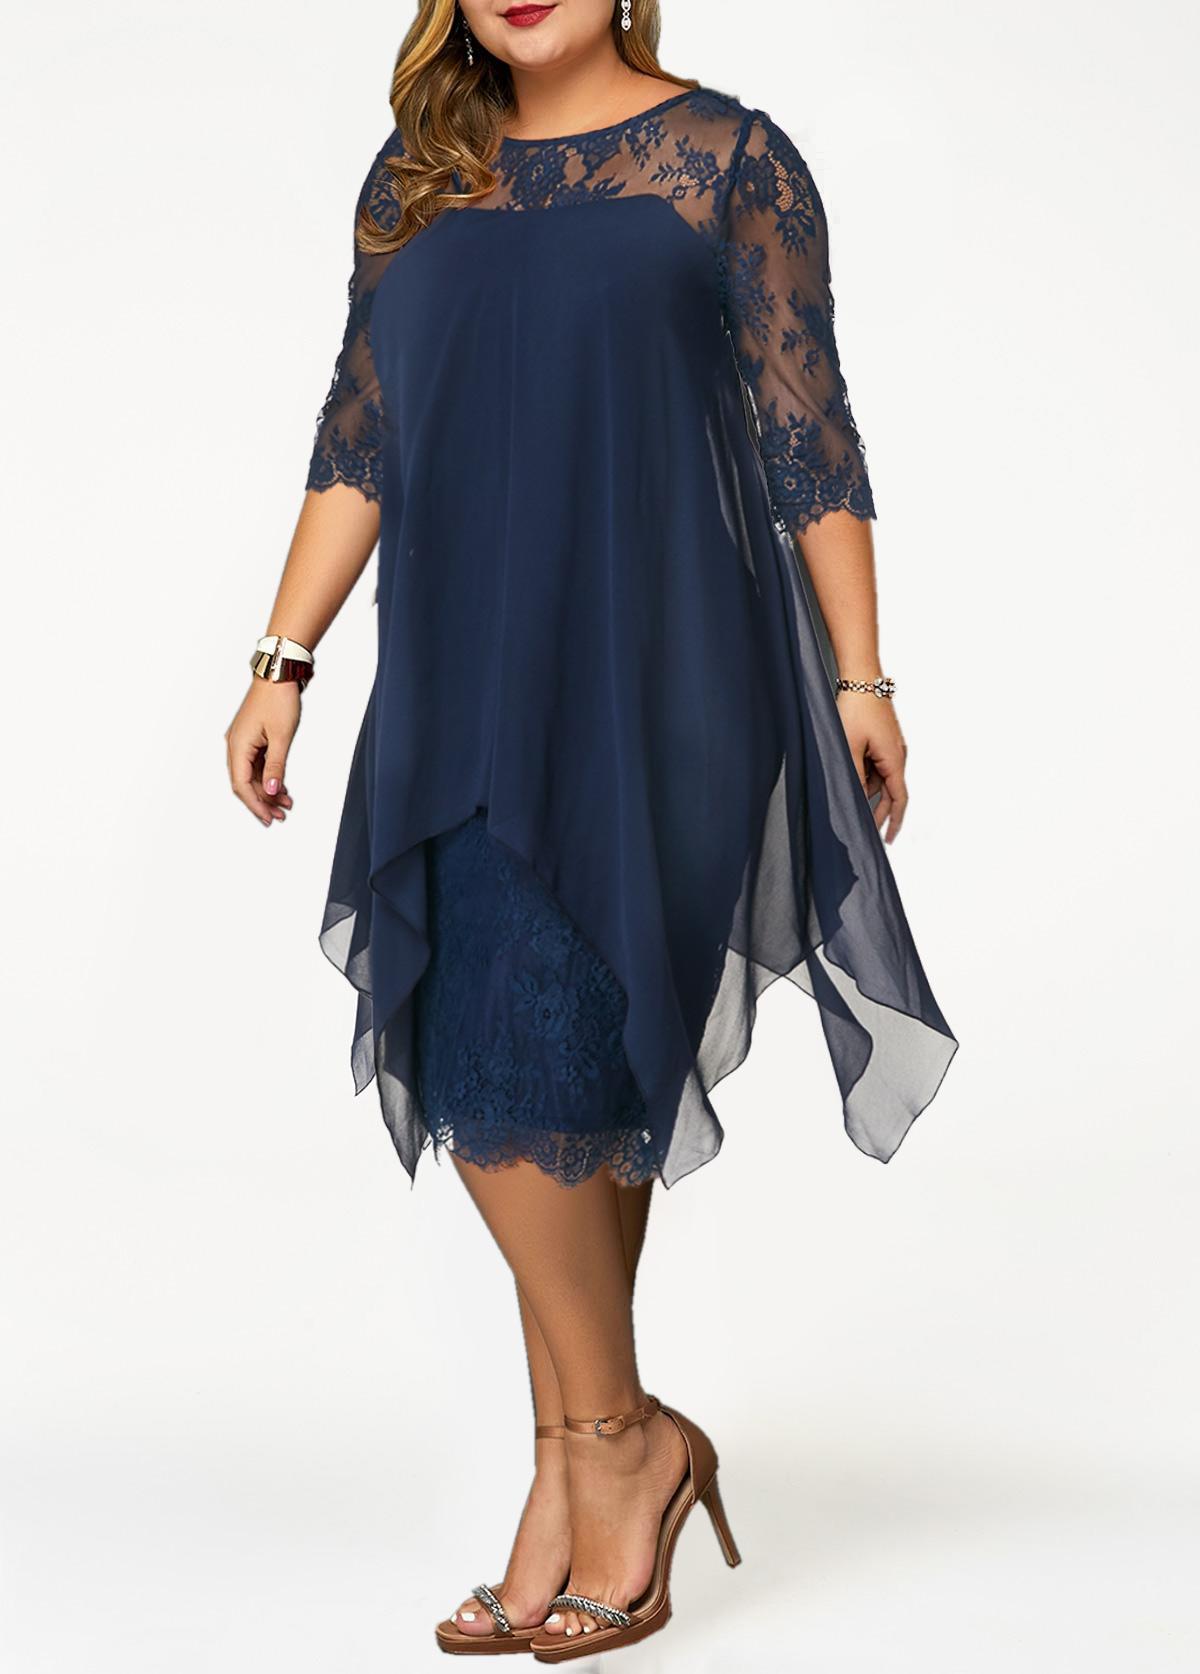 Chiffon Overlay H Shape Plus Size Lace Dress